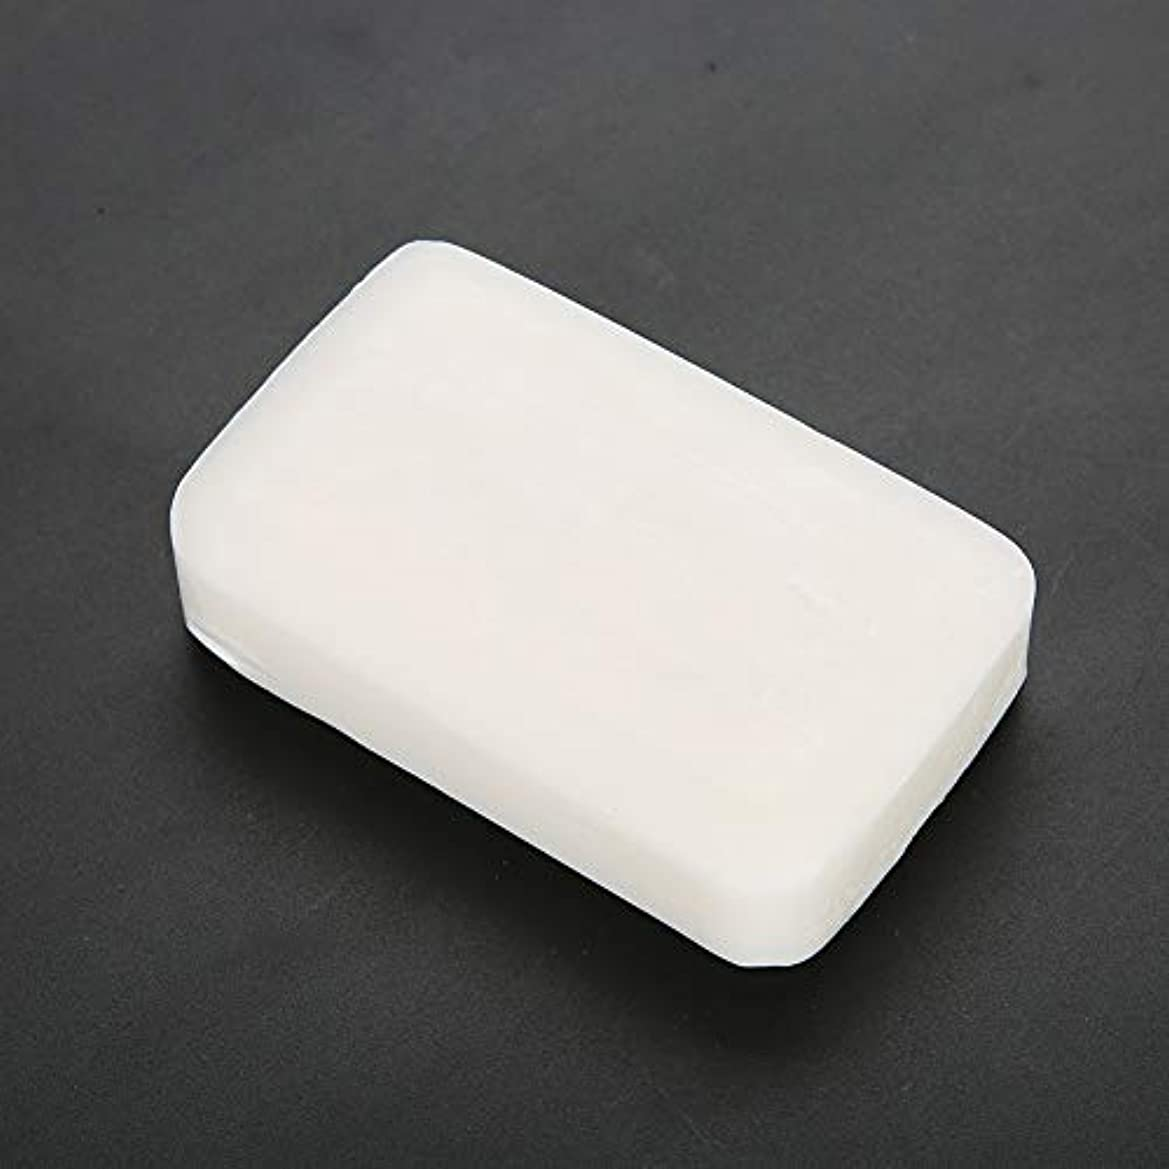 ヘクタール運動するモロニック豊富な泡を白くする 栄養を与える 顔 ボディ洗浄 100g エキス 美の石鹸